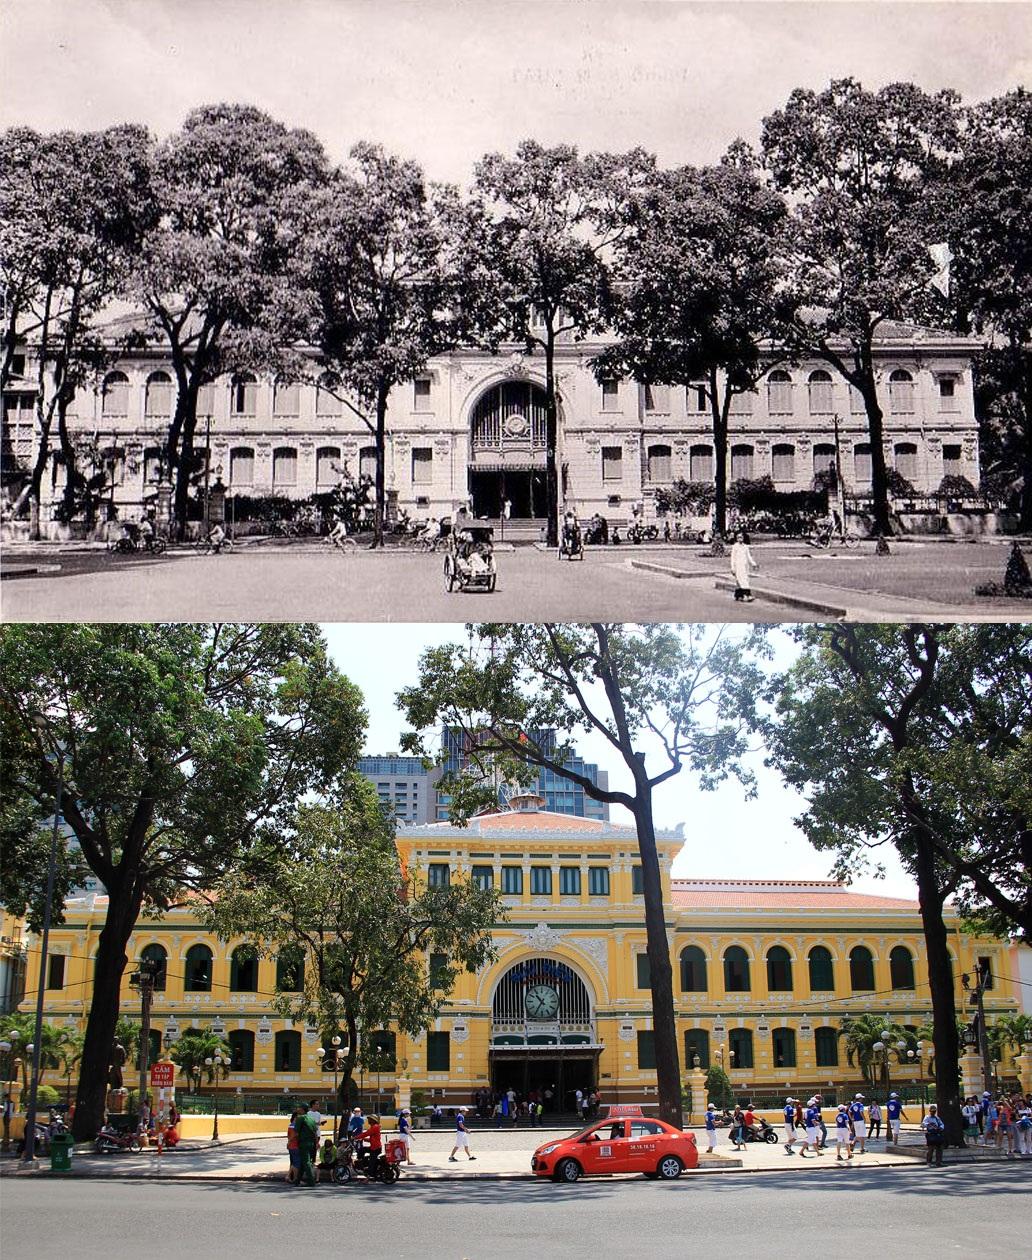 Tòa nhà Bưu điện Thành phố là một trong những công trình kiến trúc tiêu biểu tại TPHCM, nằm cạnh nhà thờ Đức Bà. Tòa nhà này được người Pháp xây dựng với phong cách đậm chất châu Âu trong khoảng thời gian 1886–1891, chỉ sau nhà thờ Đức Bà chừng 10 năm.